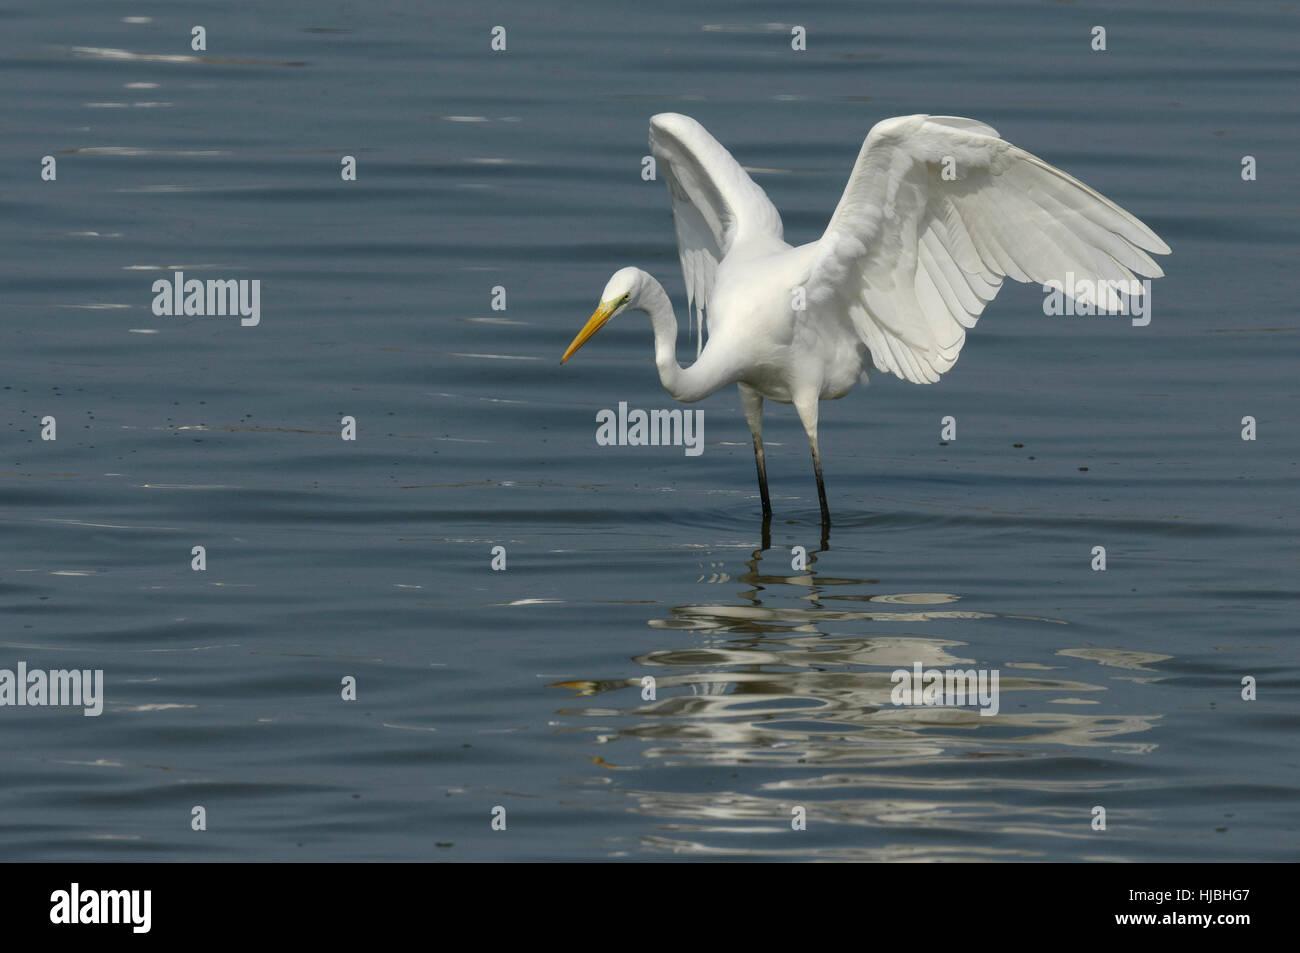 Grande garzetta (Egretta alba) caccia ai pesci in laguna costiera, su Israele per la costa mediterranea. Immagini Stock